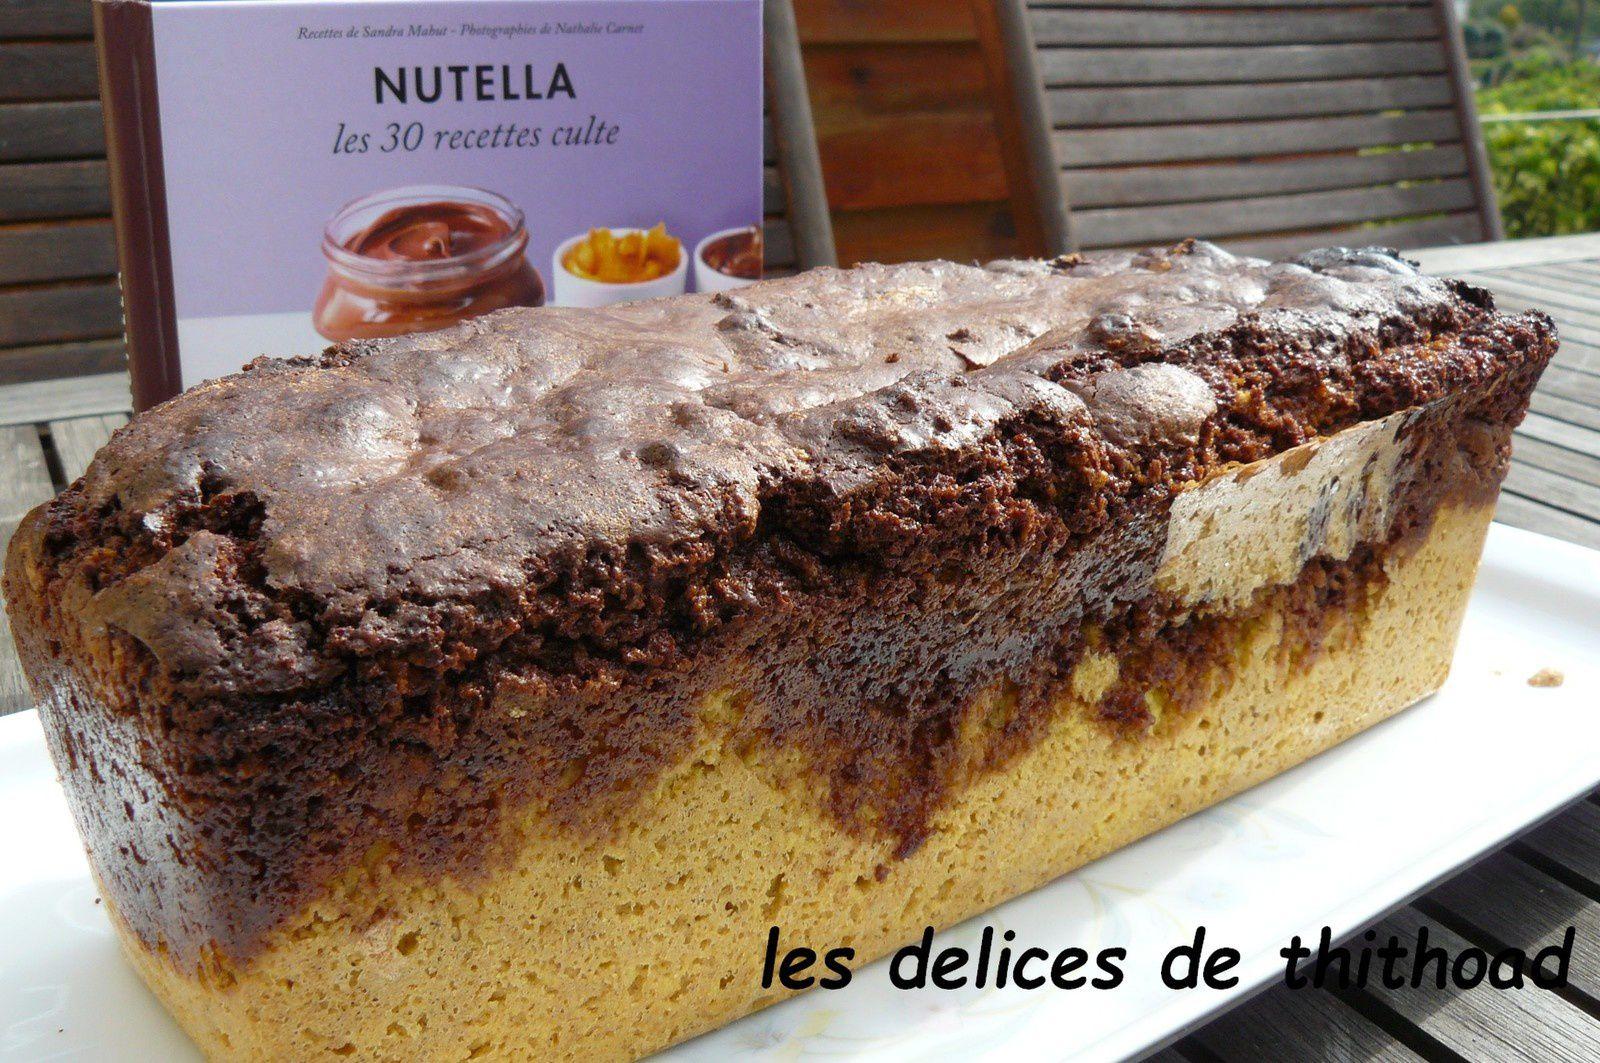 gâteau marbré au nutella®